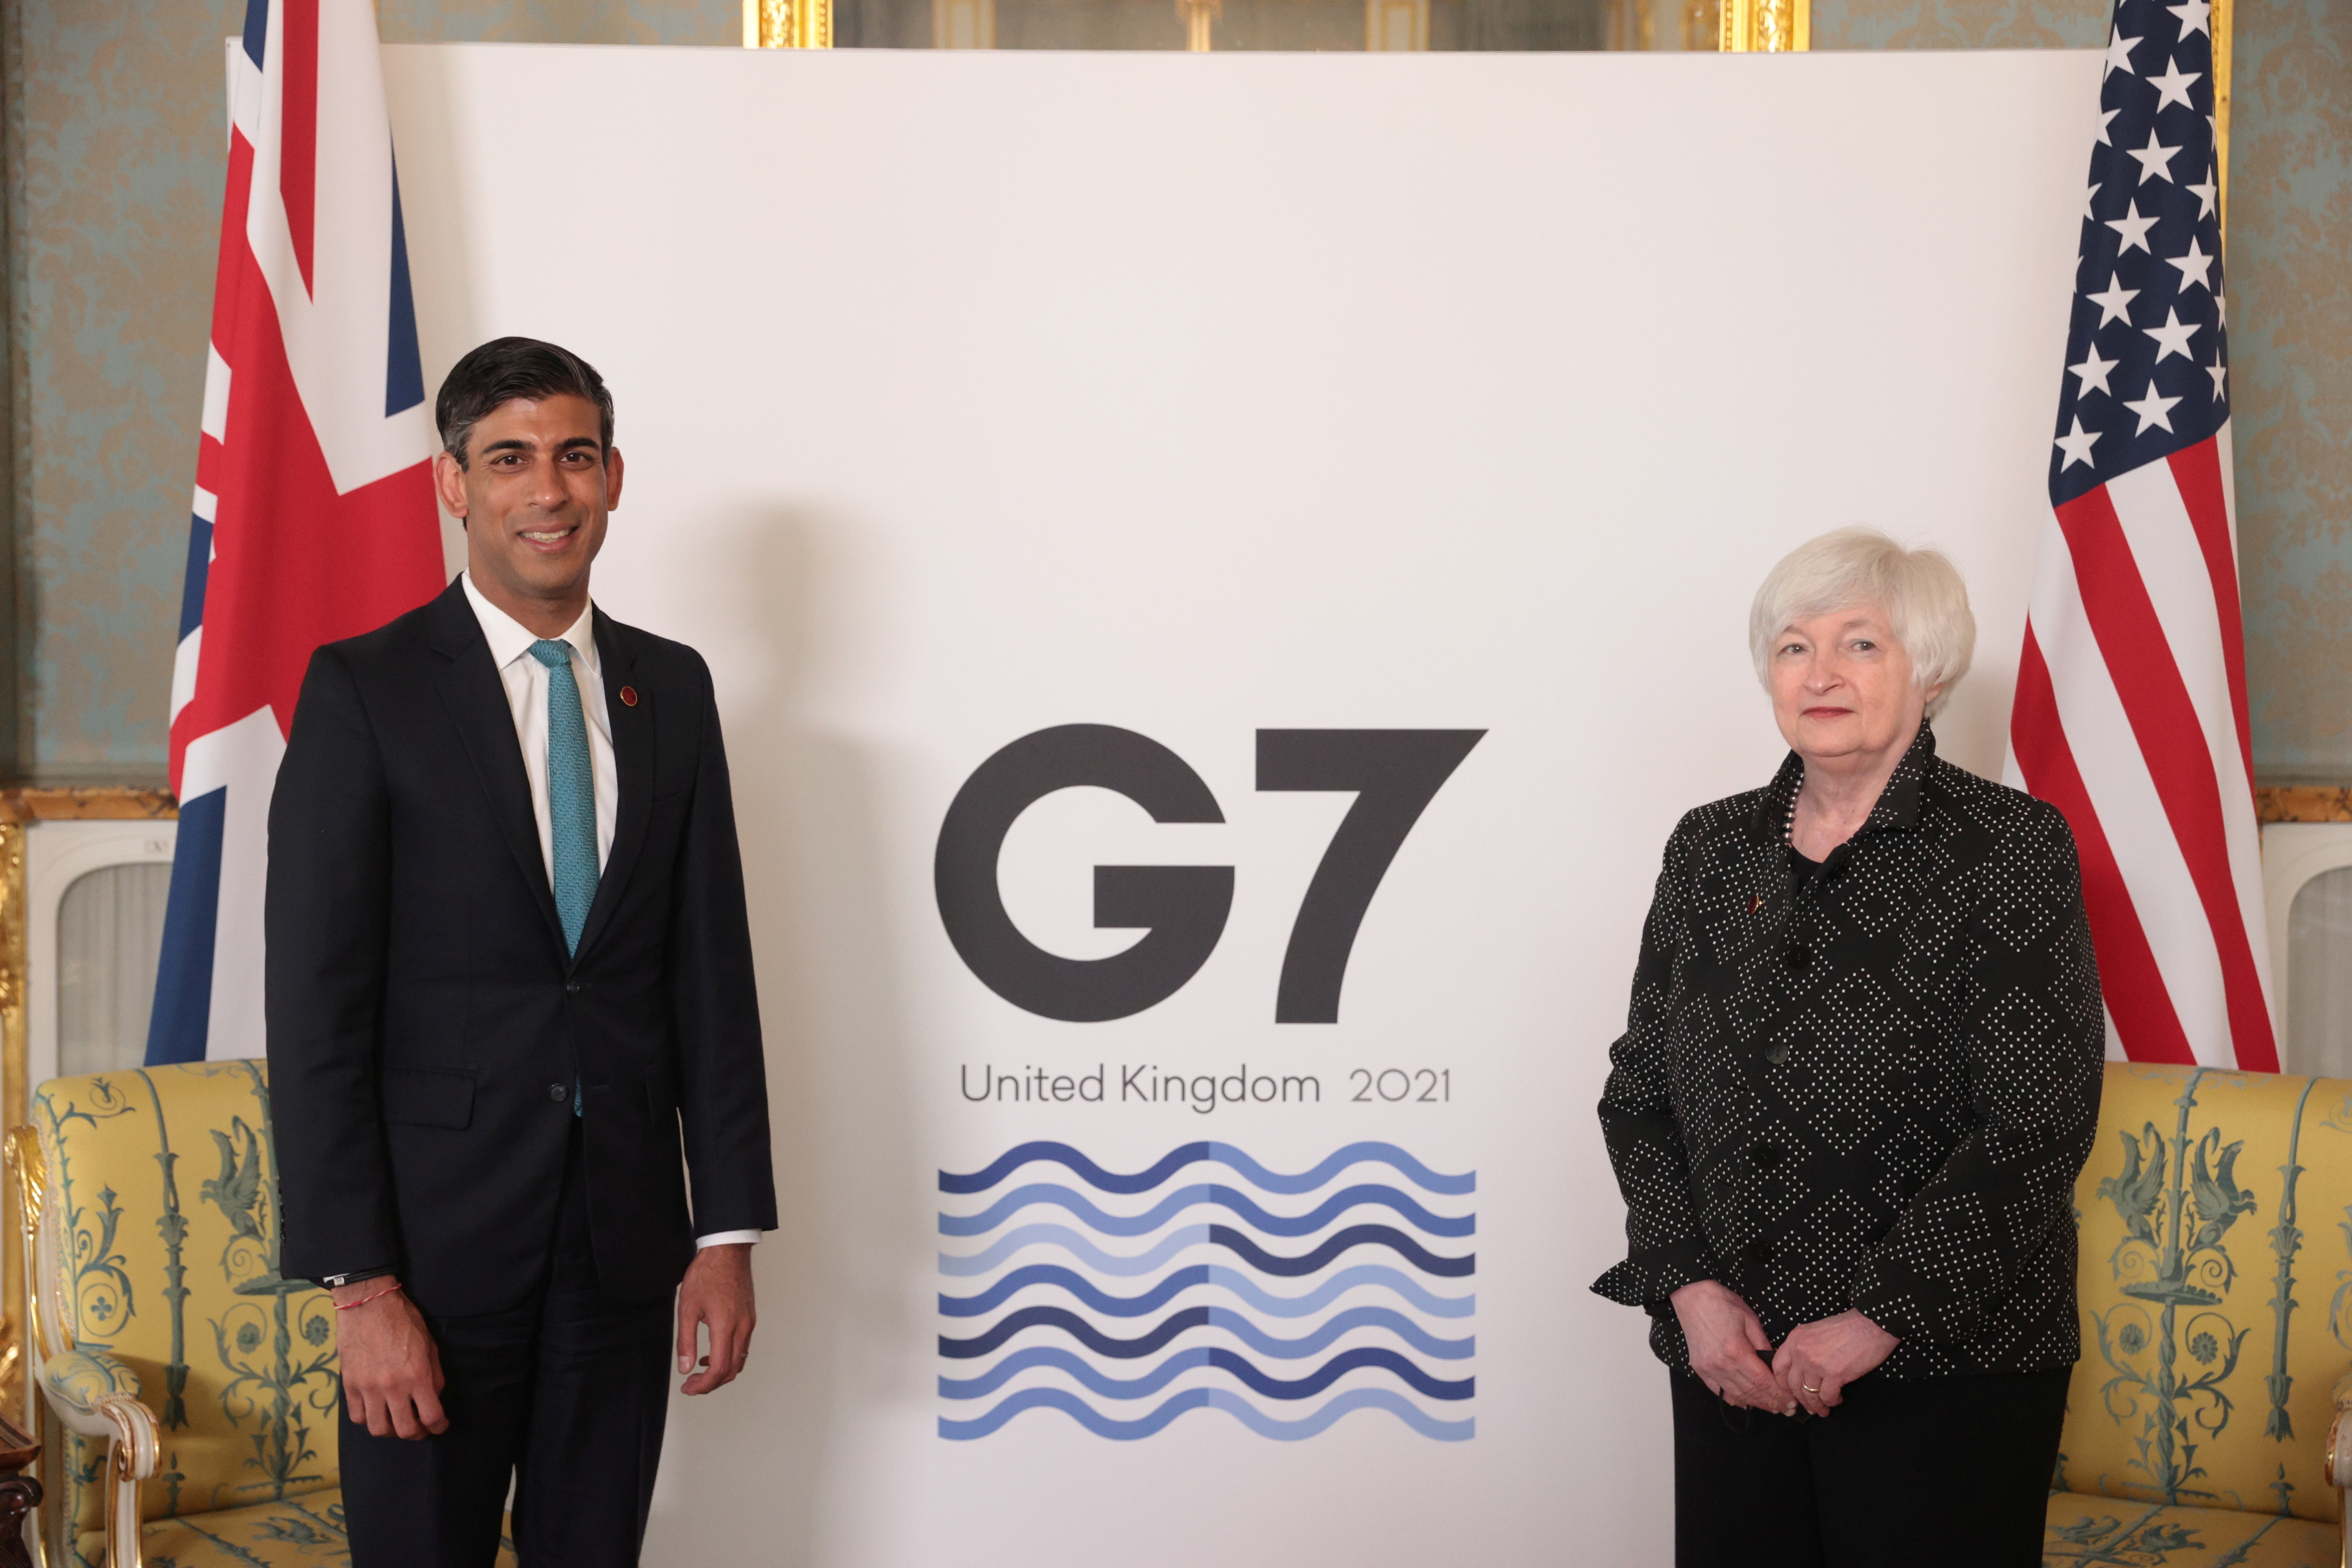 Thủ tướng Anh Rishi Sunak gặp Bộ trưởng Tài chính Hoa Kỳ Janet Yellen, tại London, Anh ngày 3 tháng 6 năm 2021. REUTERS / Hannah McKay / Pool